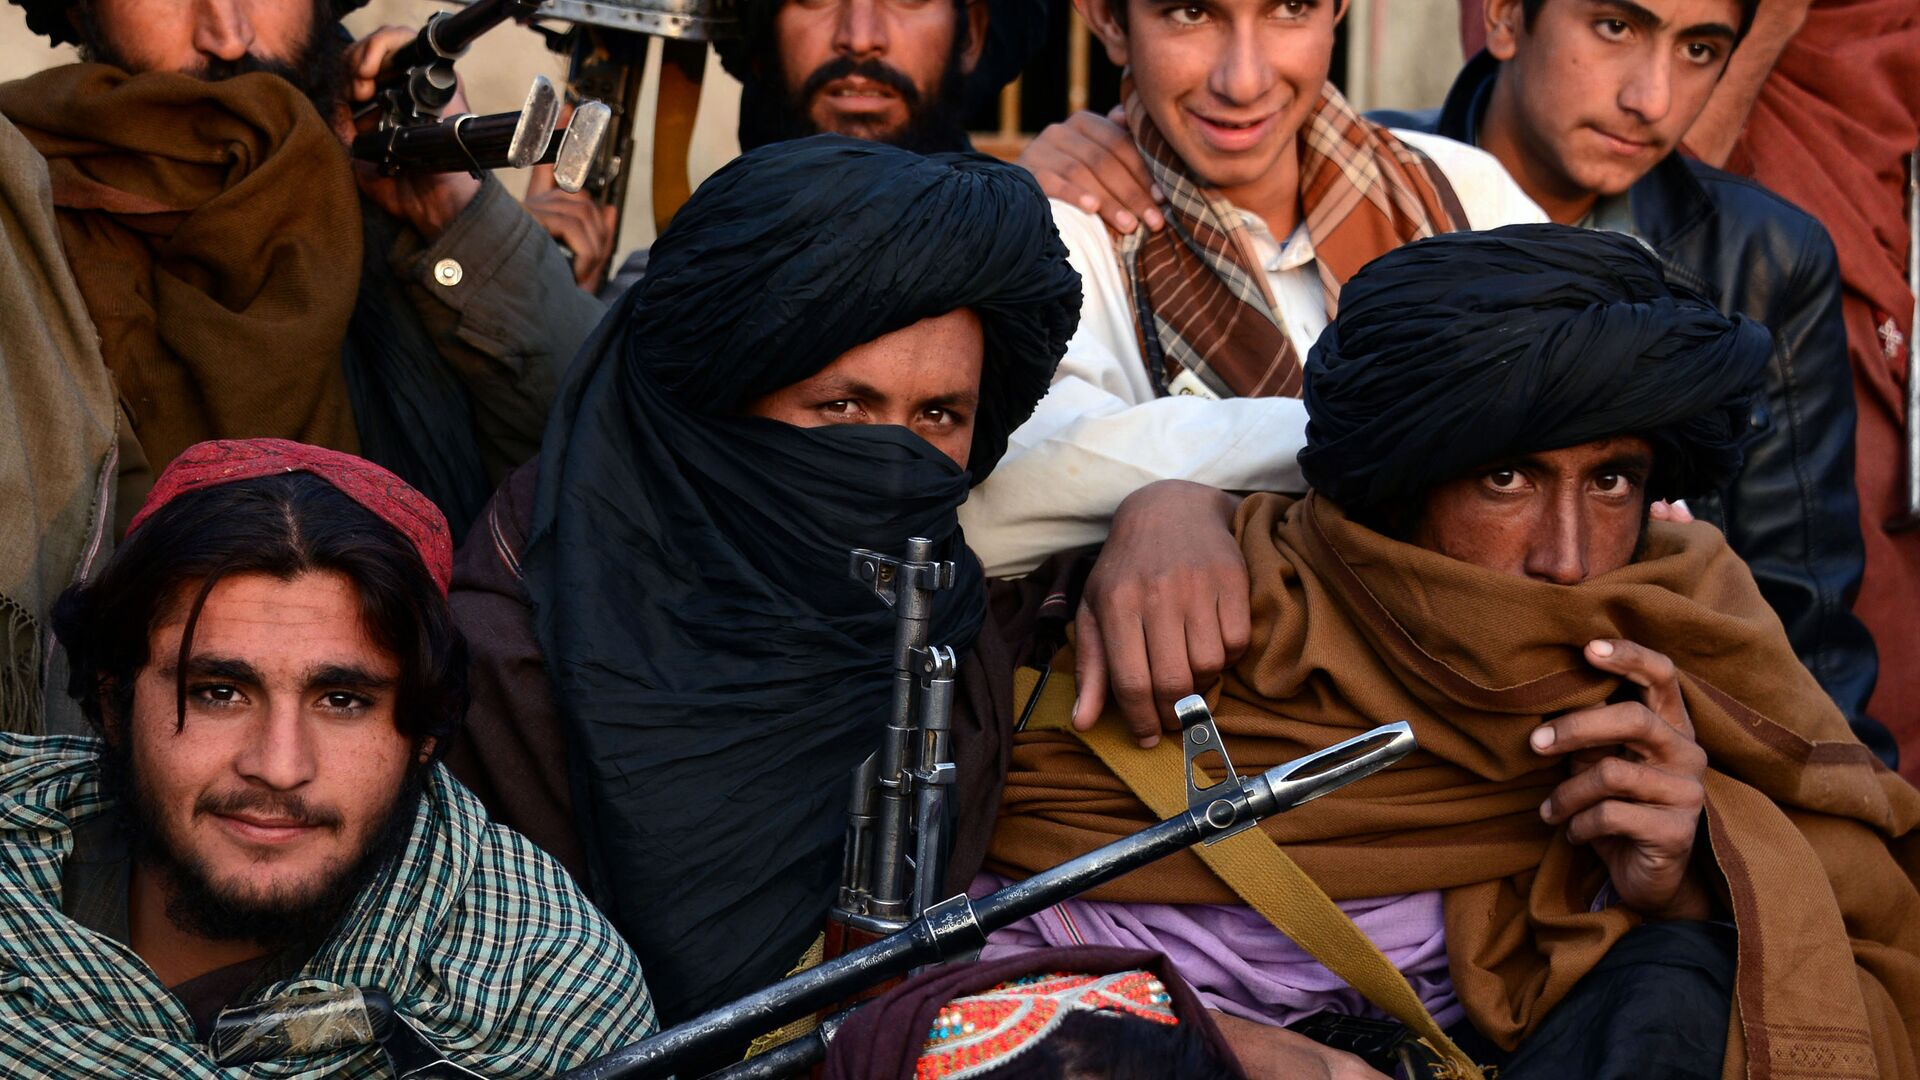 Członkowie organizacji Taliban w prowincji Farah, Afganistan. Zdjęcie archiwalne - Sputnik Polska, 1920, 22.07.2021